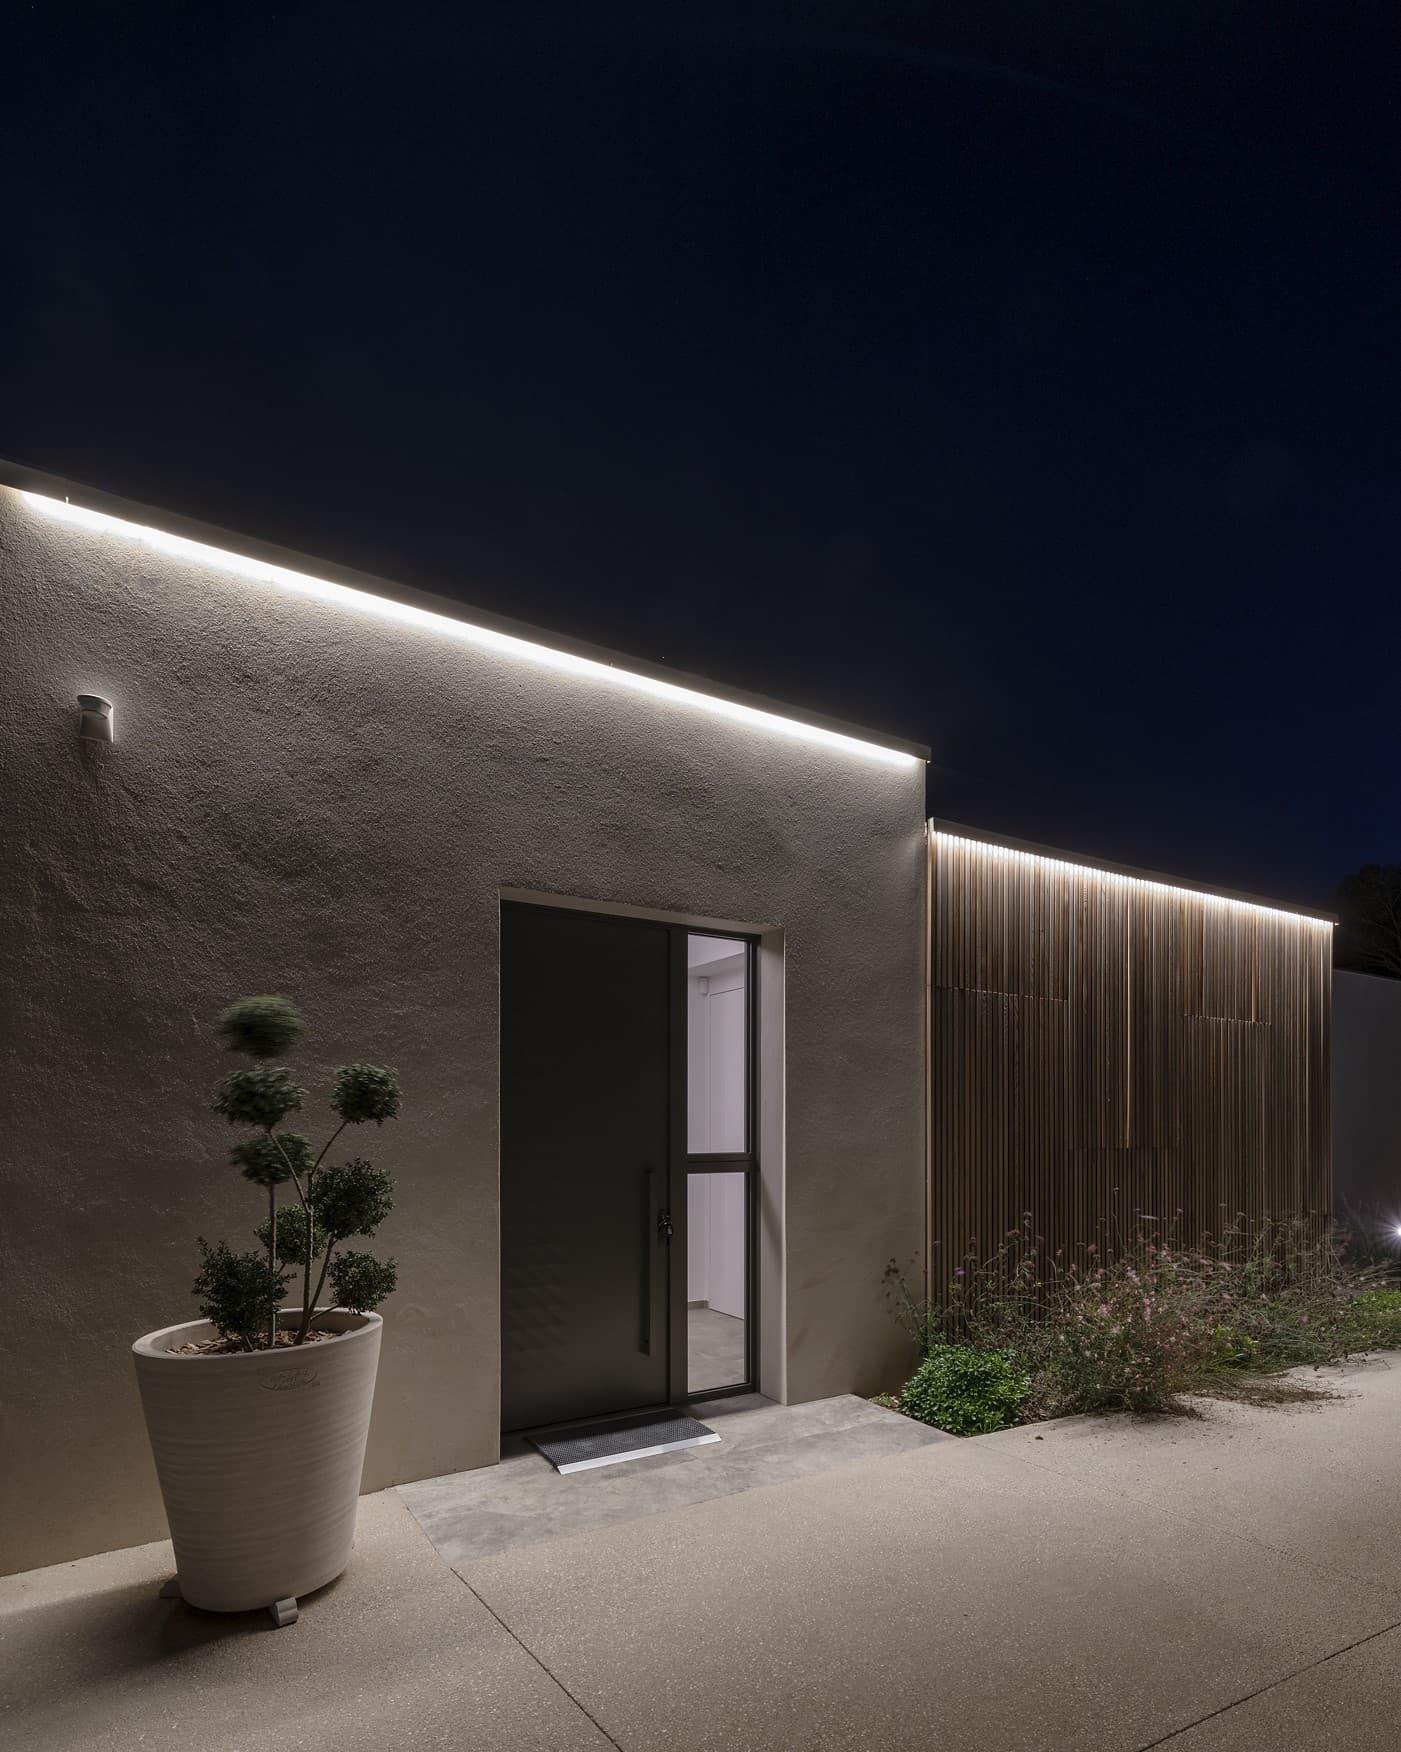 Gorge lumineuse dessinant les contours de la villa